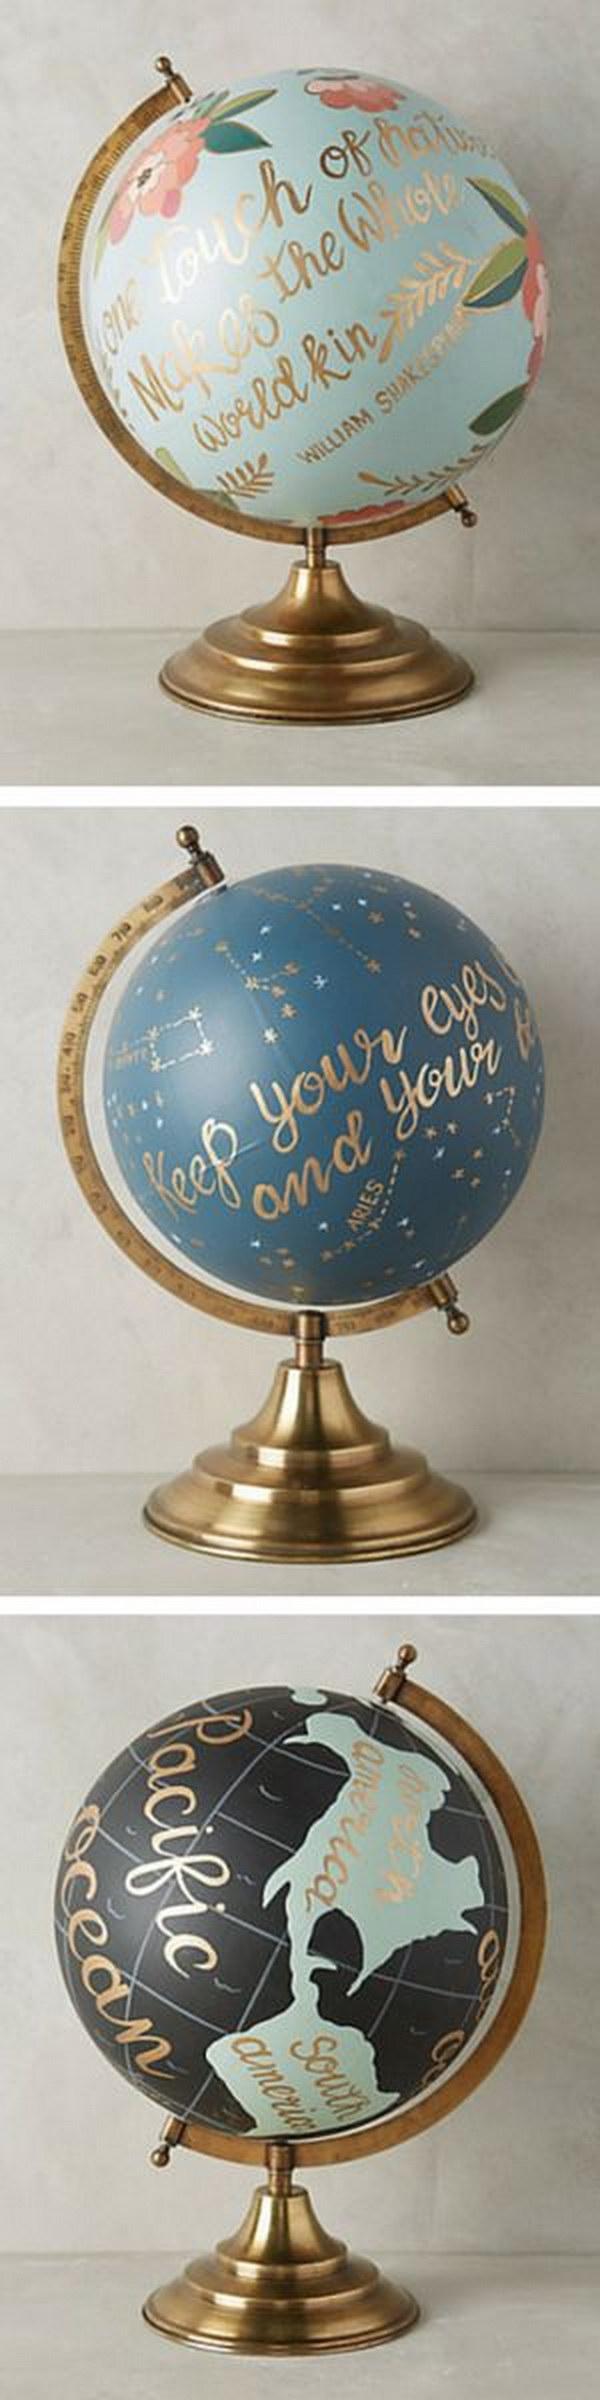 18 Handpainted Wanderlust Globe